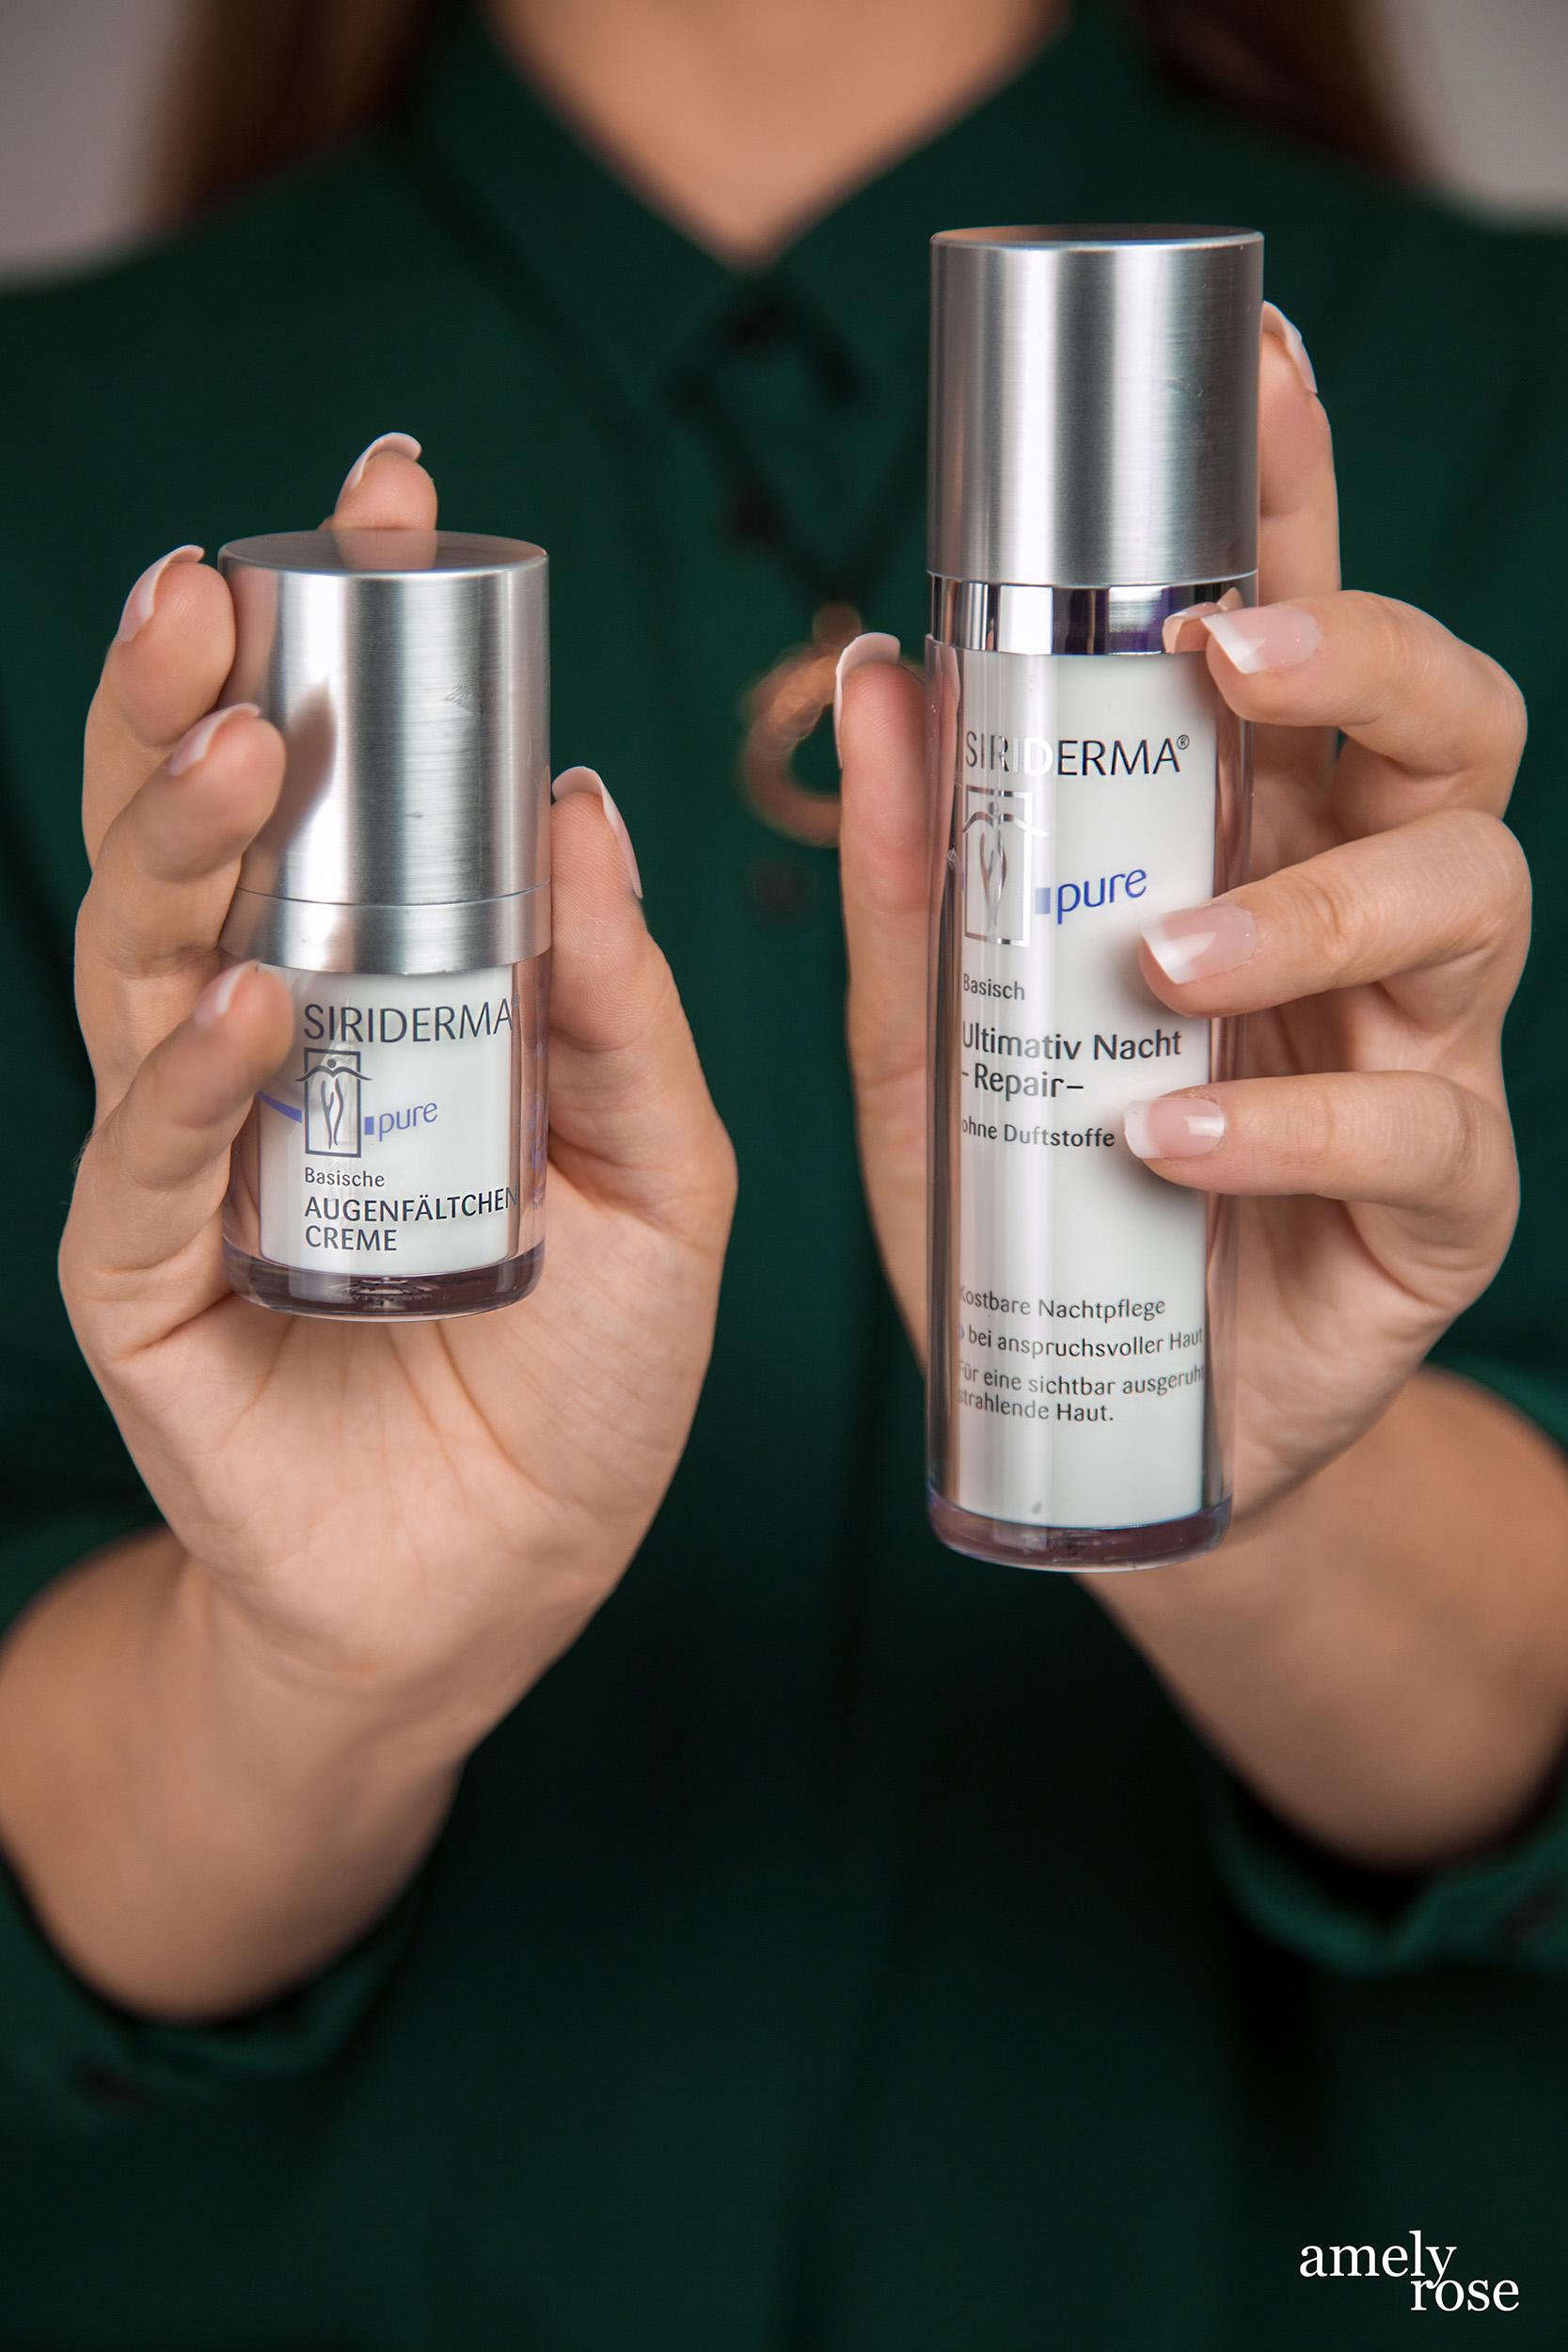 Amely Rose testet basische Pflegeprodukte im Beautyguide - vegane Kosmetik von siriderma Fashionportrait